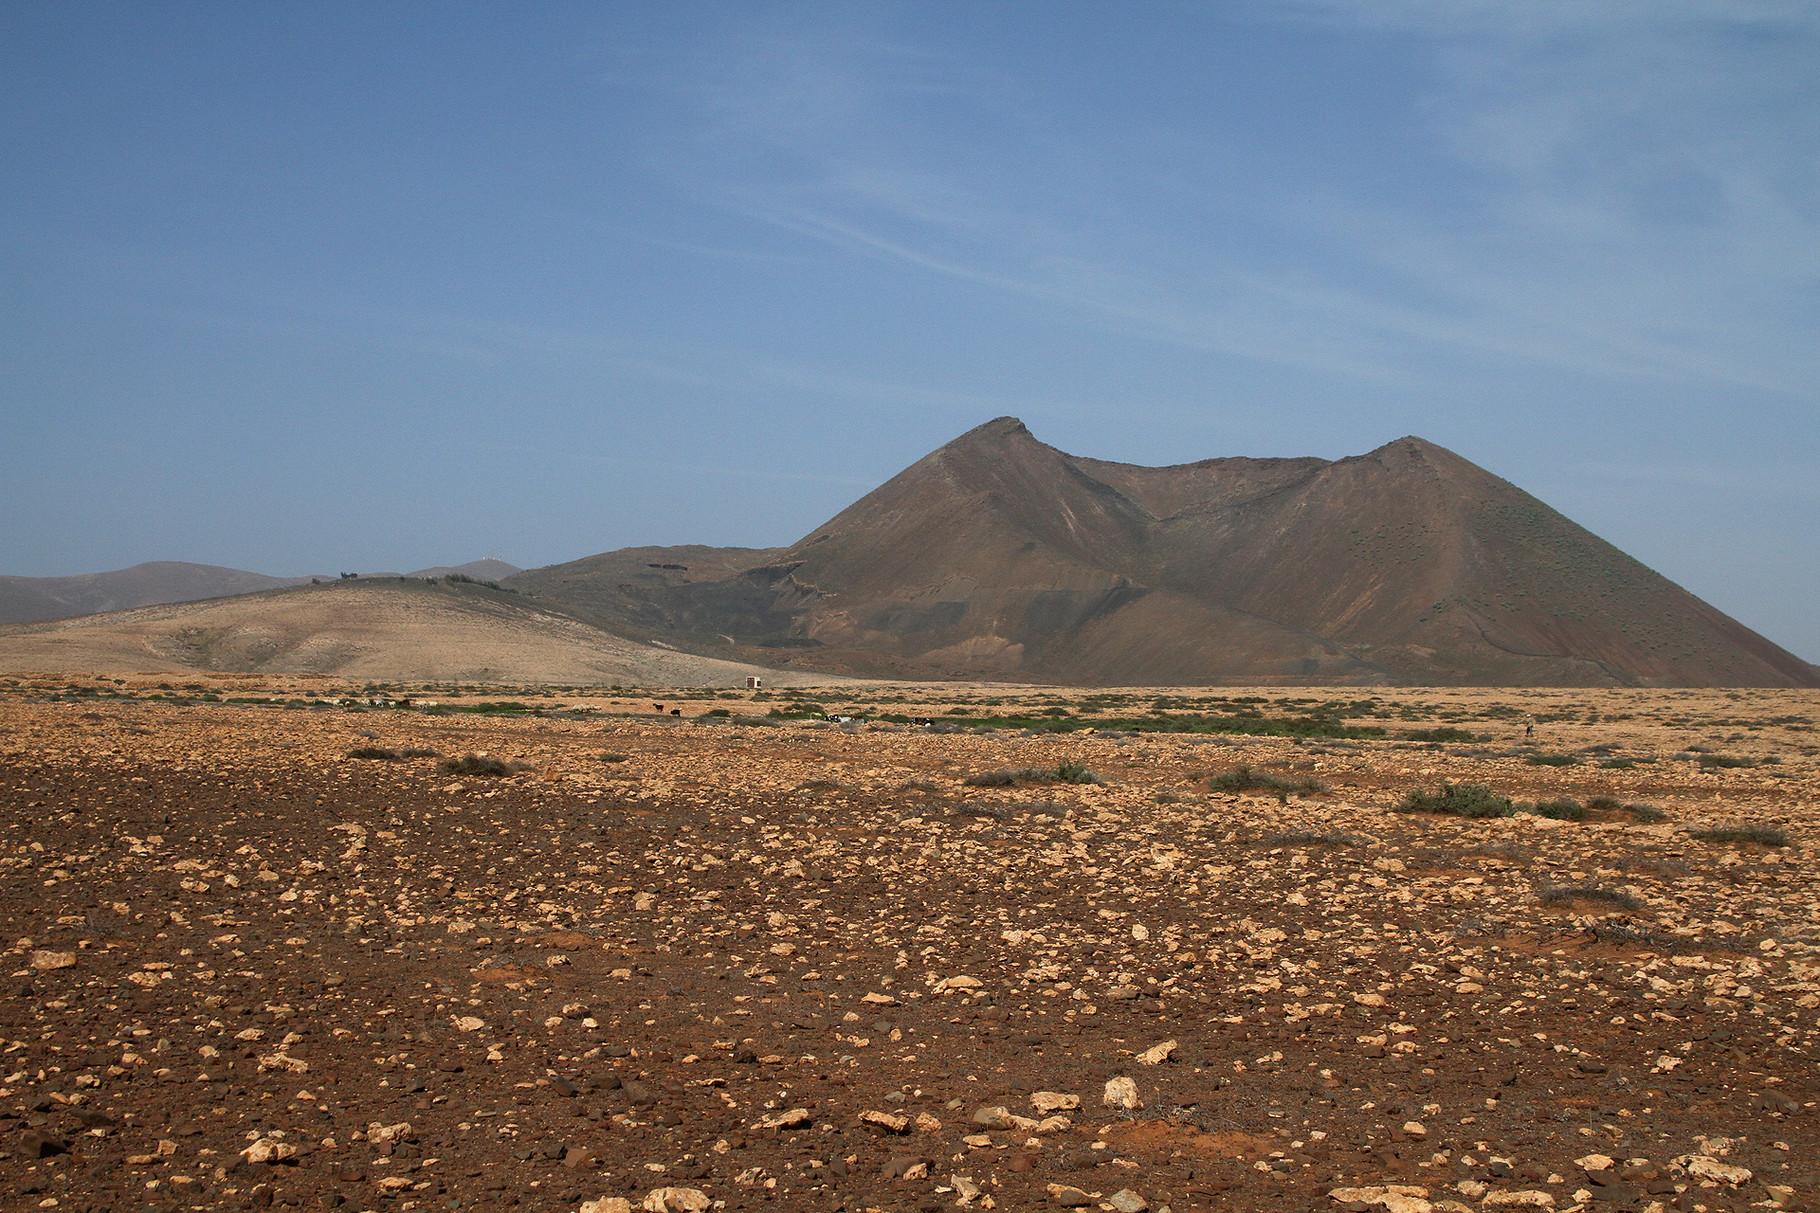 Kargheit bestimmt das Landschaftsbild im Inselinnern bei Tiscamanita